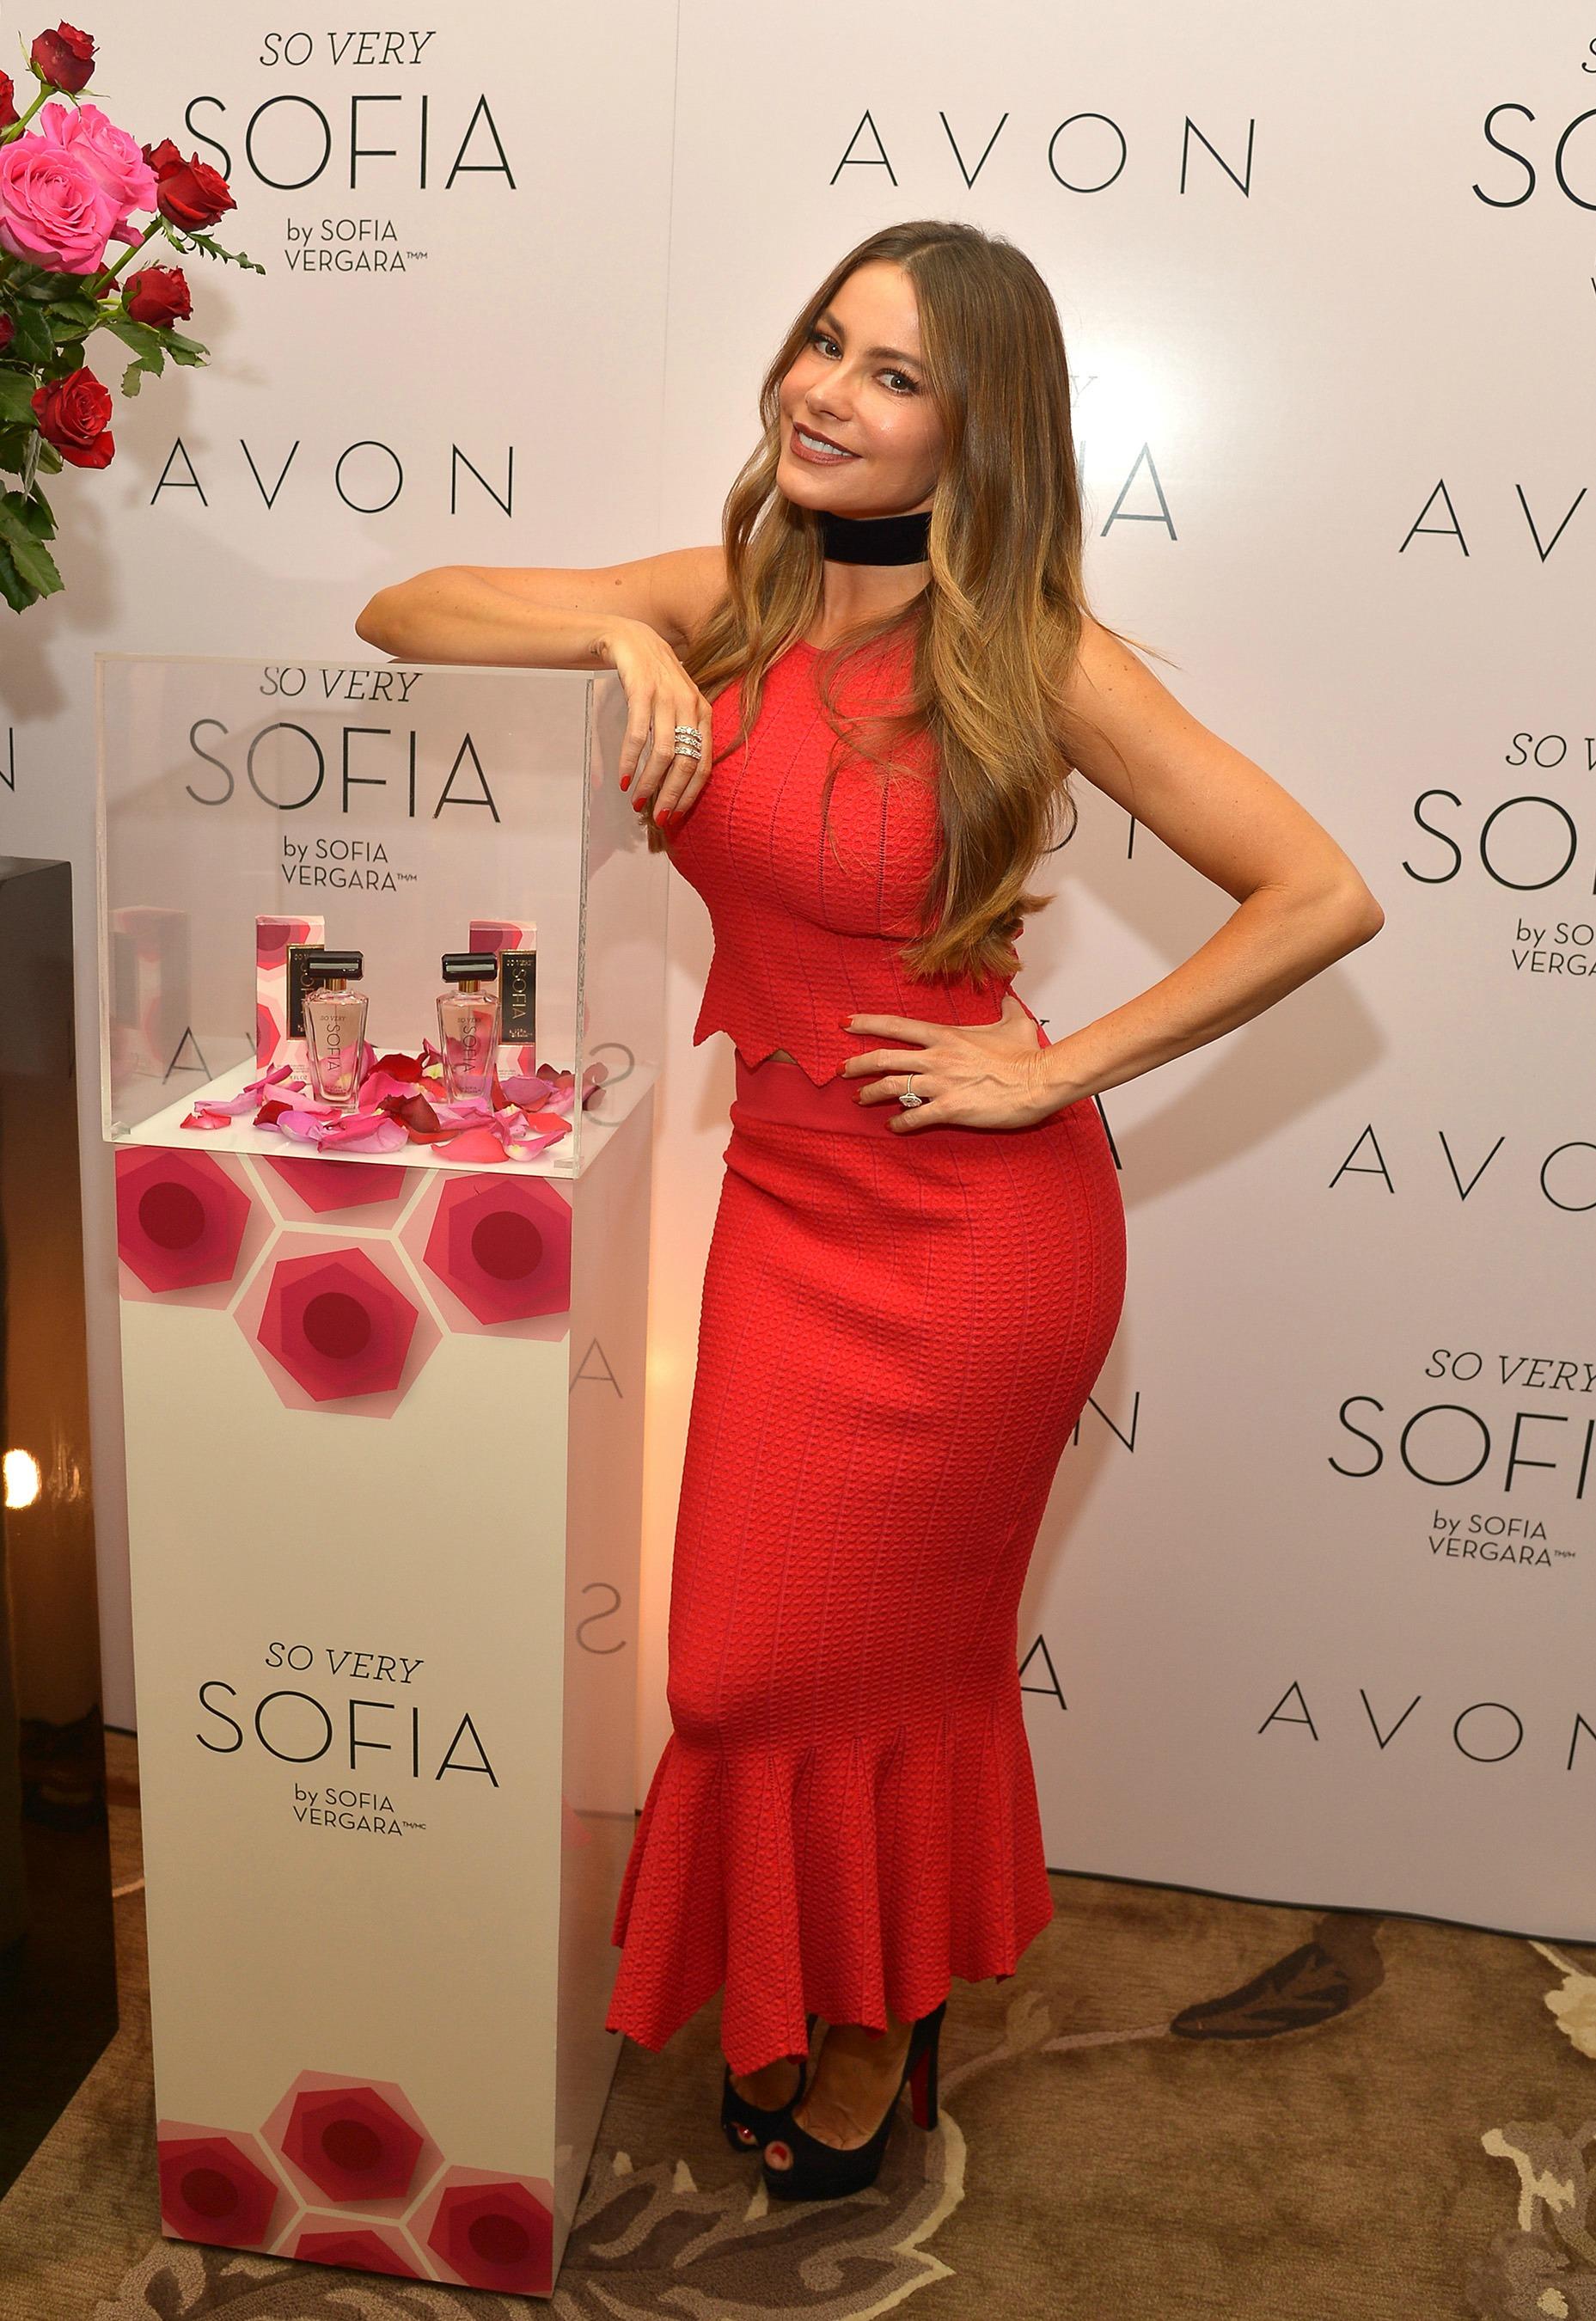 Sofia Vergara en Los Ángeles disfrutando de So Very Sofía, una nueva fragancia que creó exclusivamente para Avon